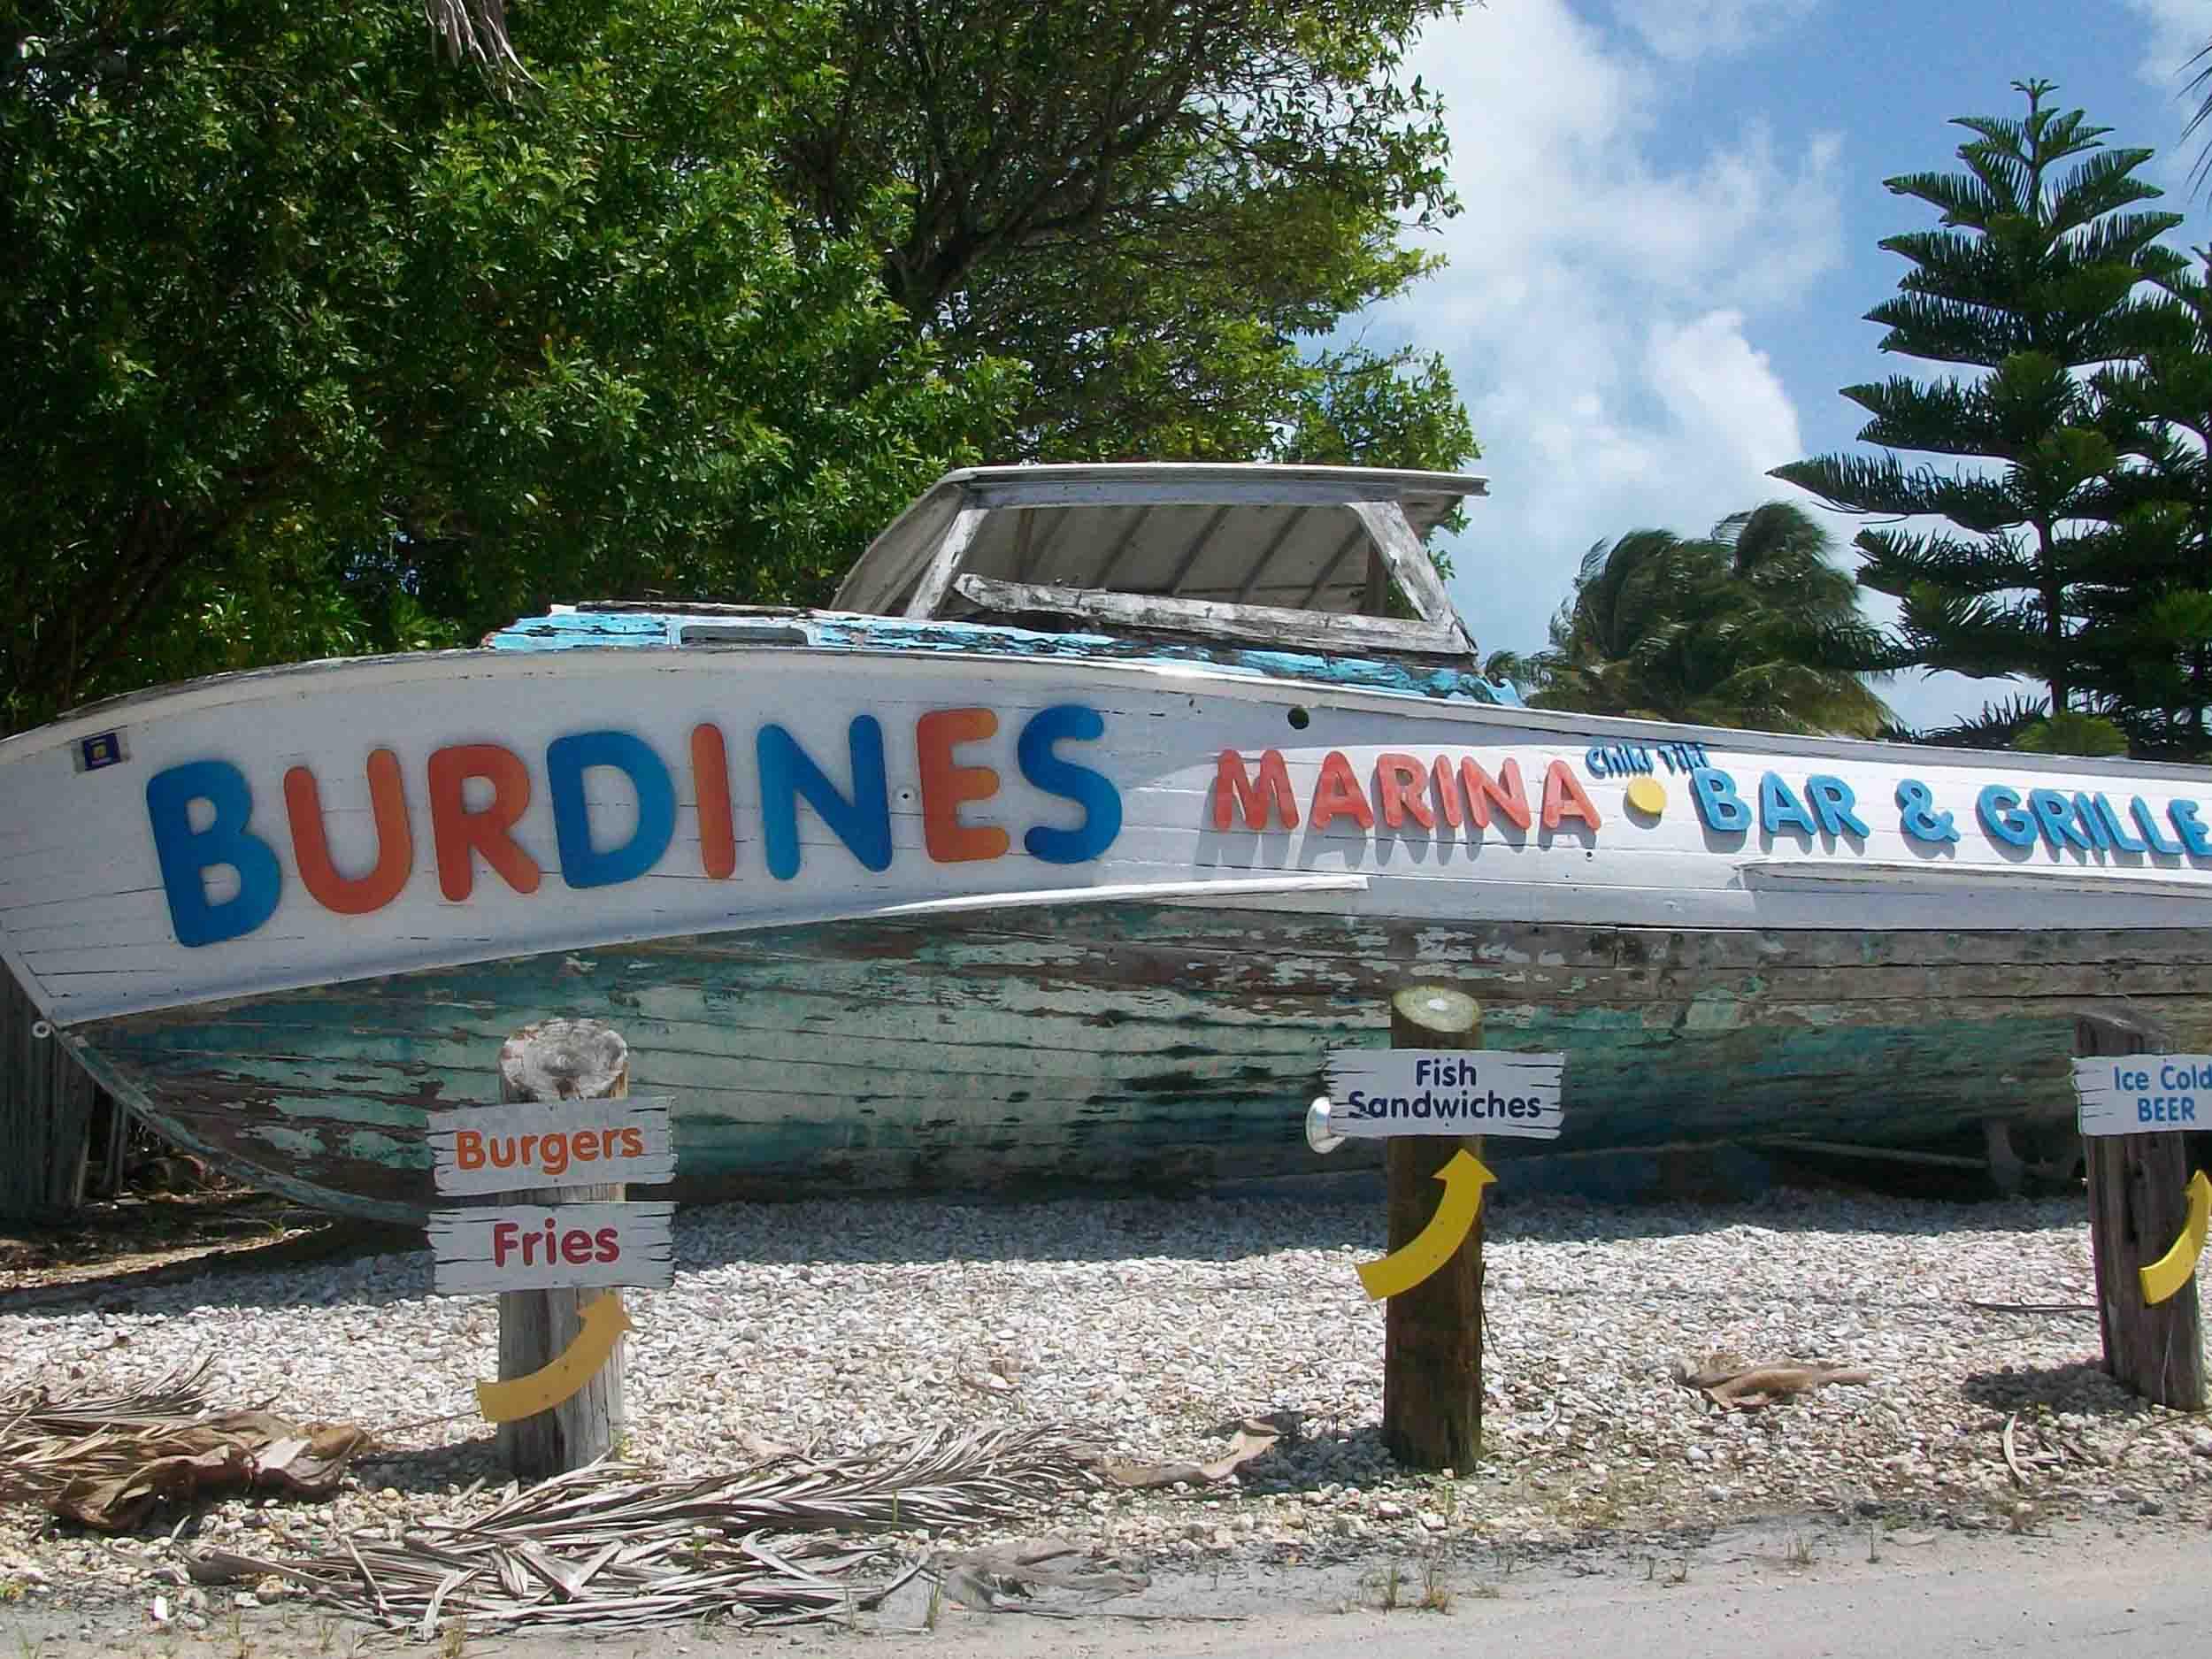 Burdines Waterfront ChikiTiki Sign